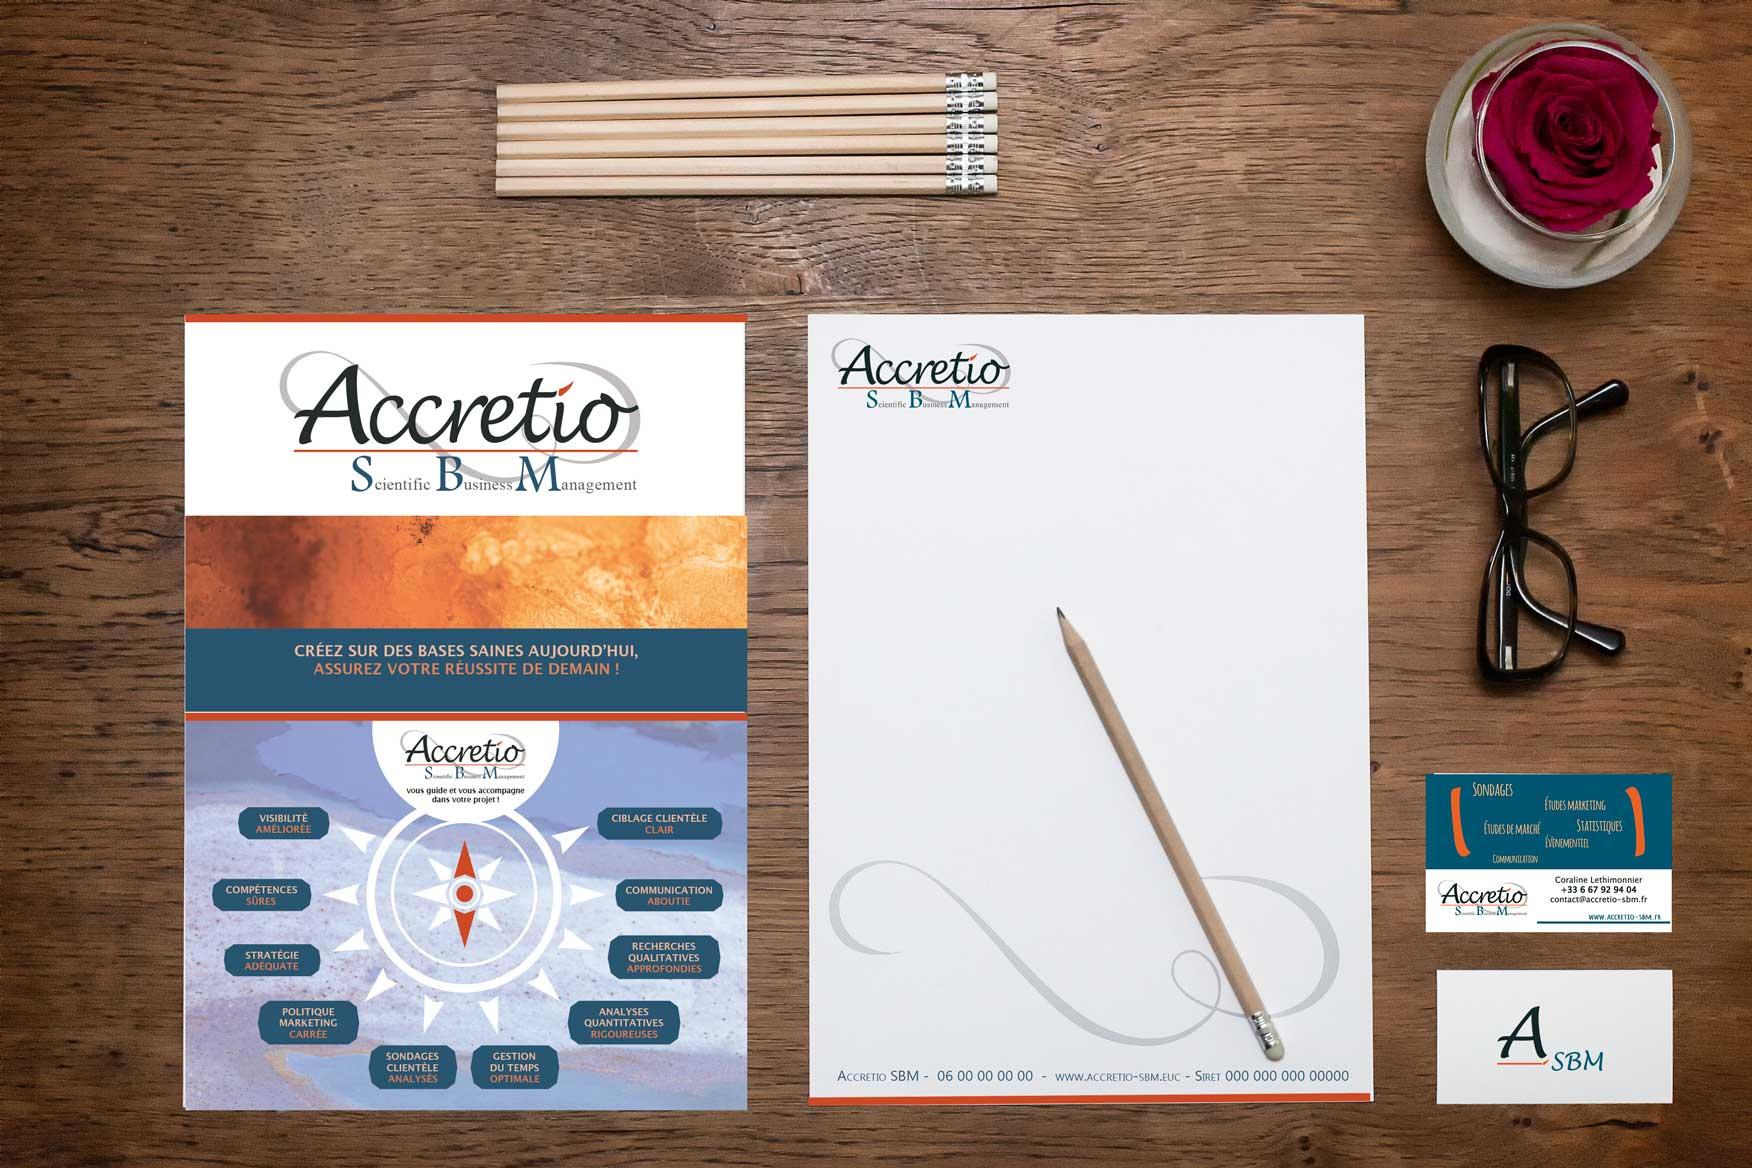 Identité visuelle de ACCRETIO SBM : logo carte de visite et site web